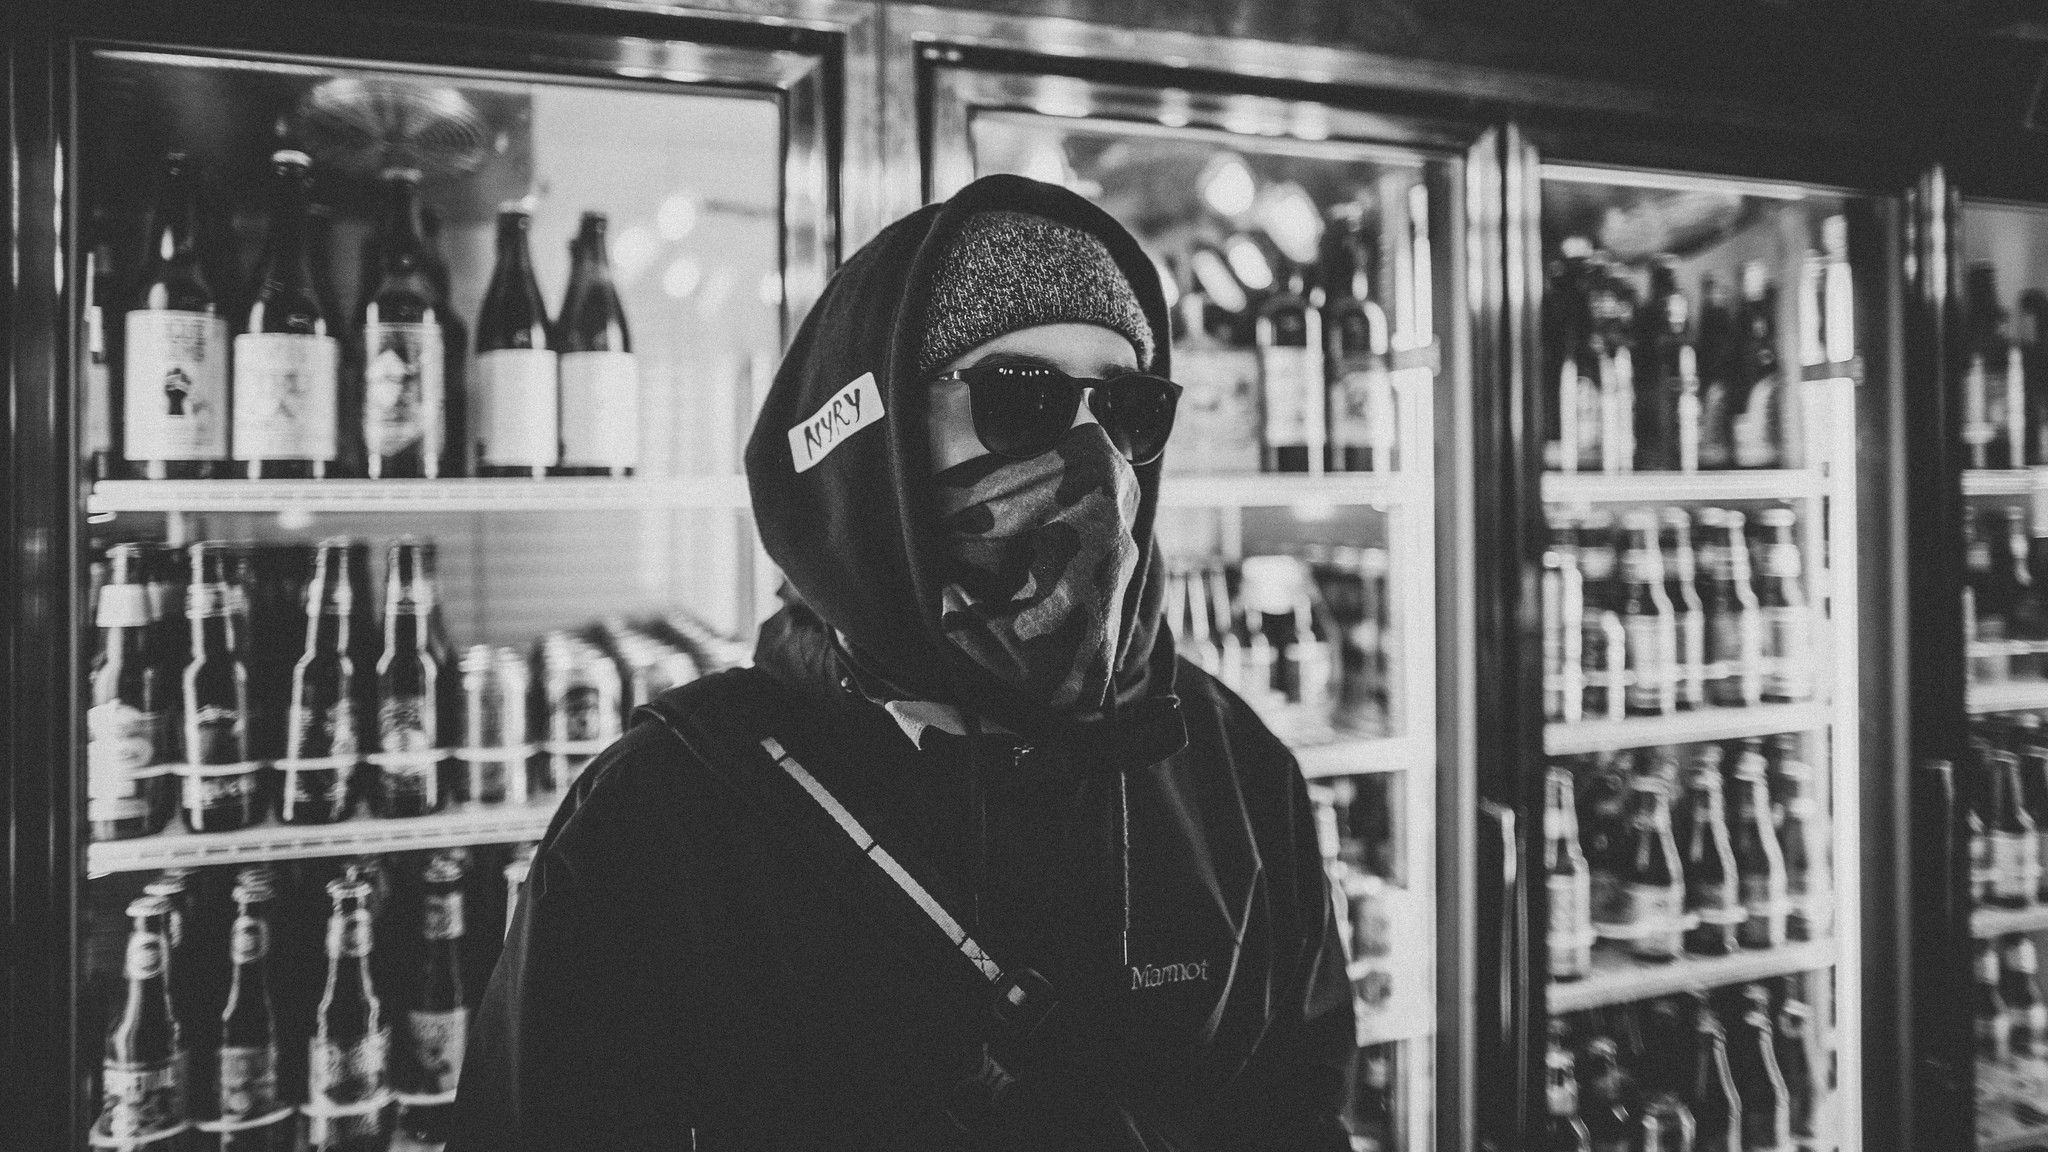 People 2048X1152 Gangster Beer  People  Rap Wallpaper -7212